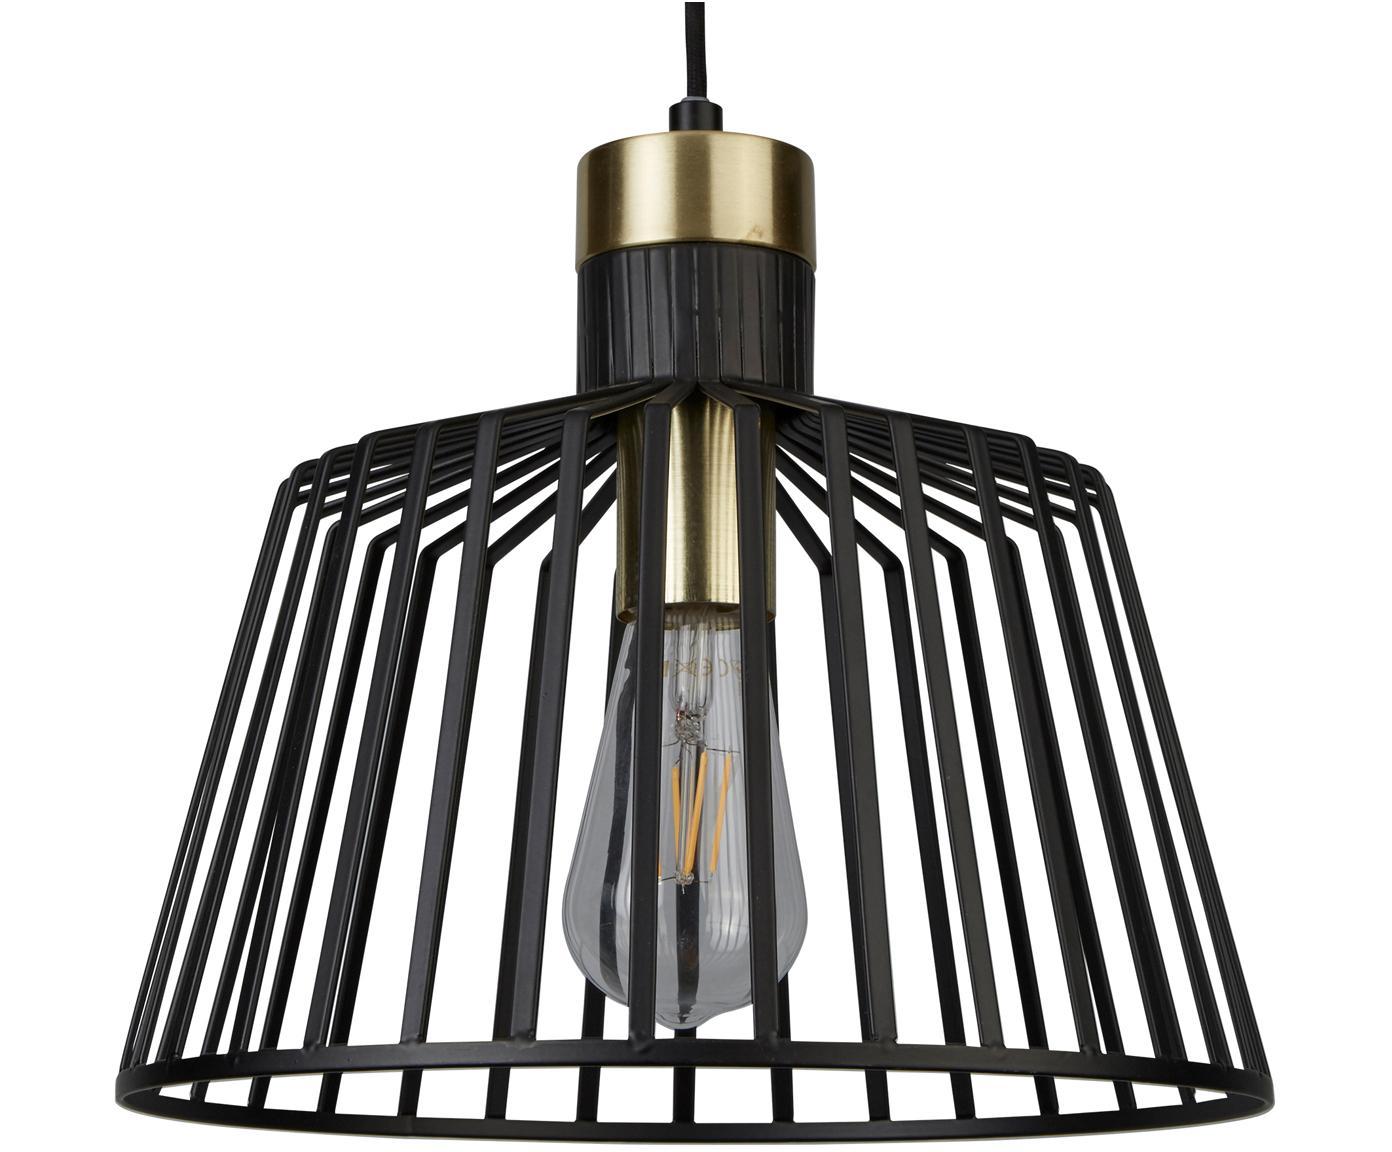 Hanglamp Bird Cage, Gecoat metaal, Zwart, goudkleurig, Ø 30 x H 27 cm